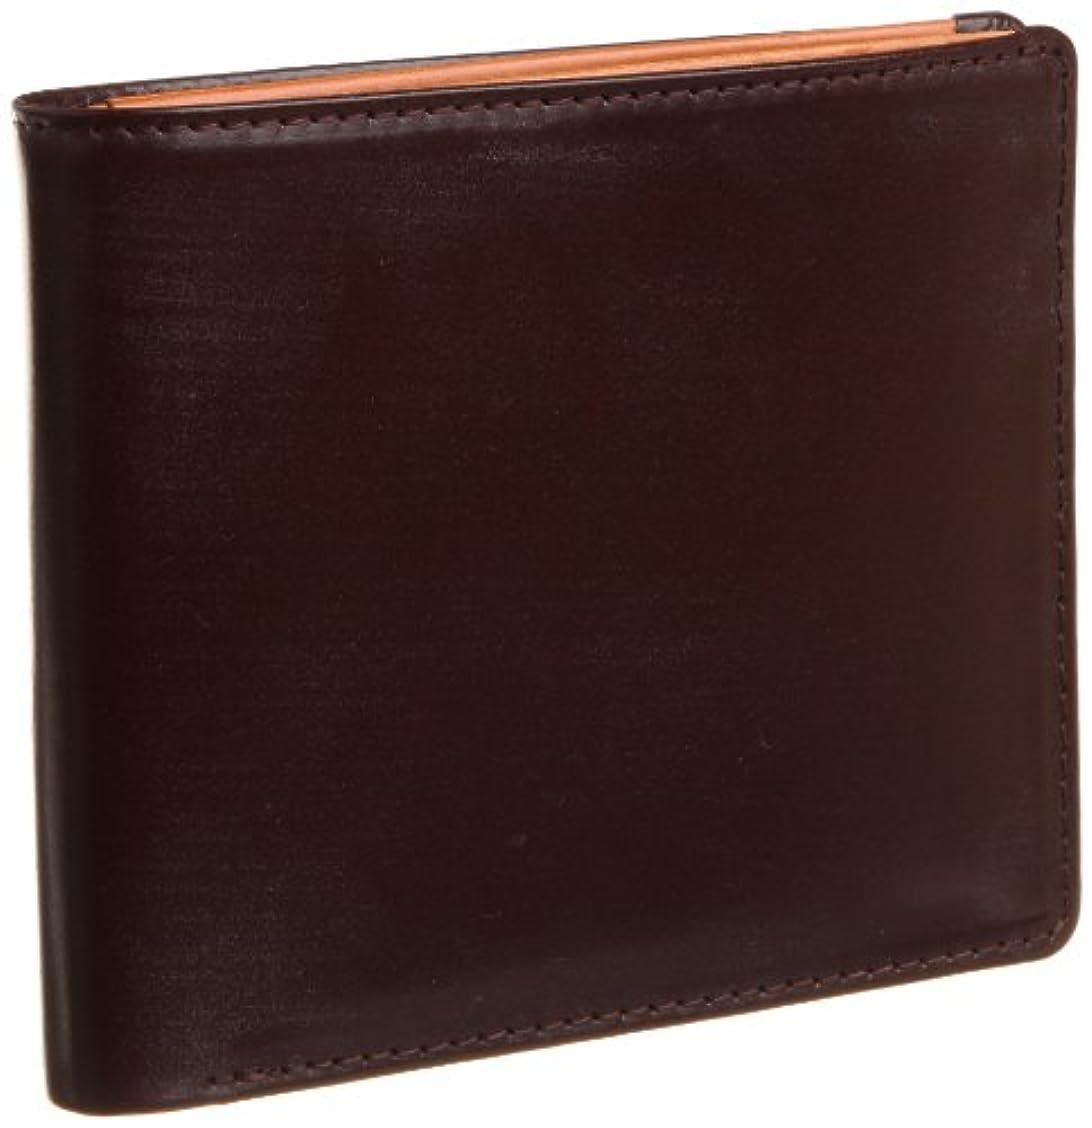 人形置くためにパック指定する[ブリティッシュグリーン] BRITISH GREEN ダブルブライドルレザー二つ折り財布